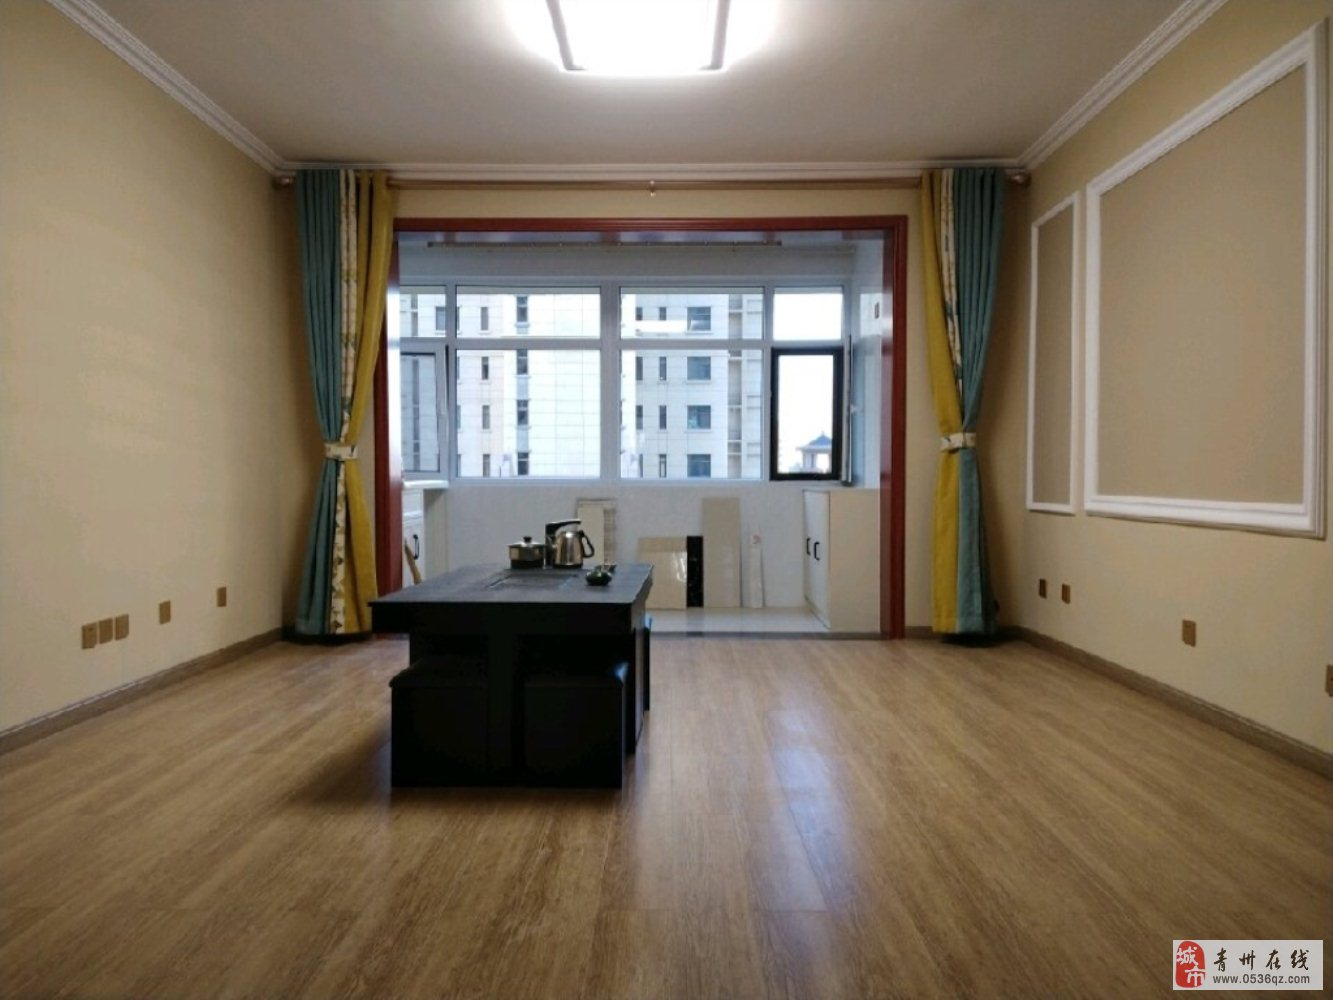 凌云居电梯4楼精装3室146平+车位储105万